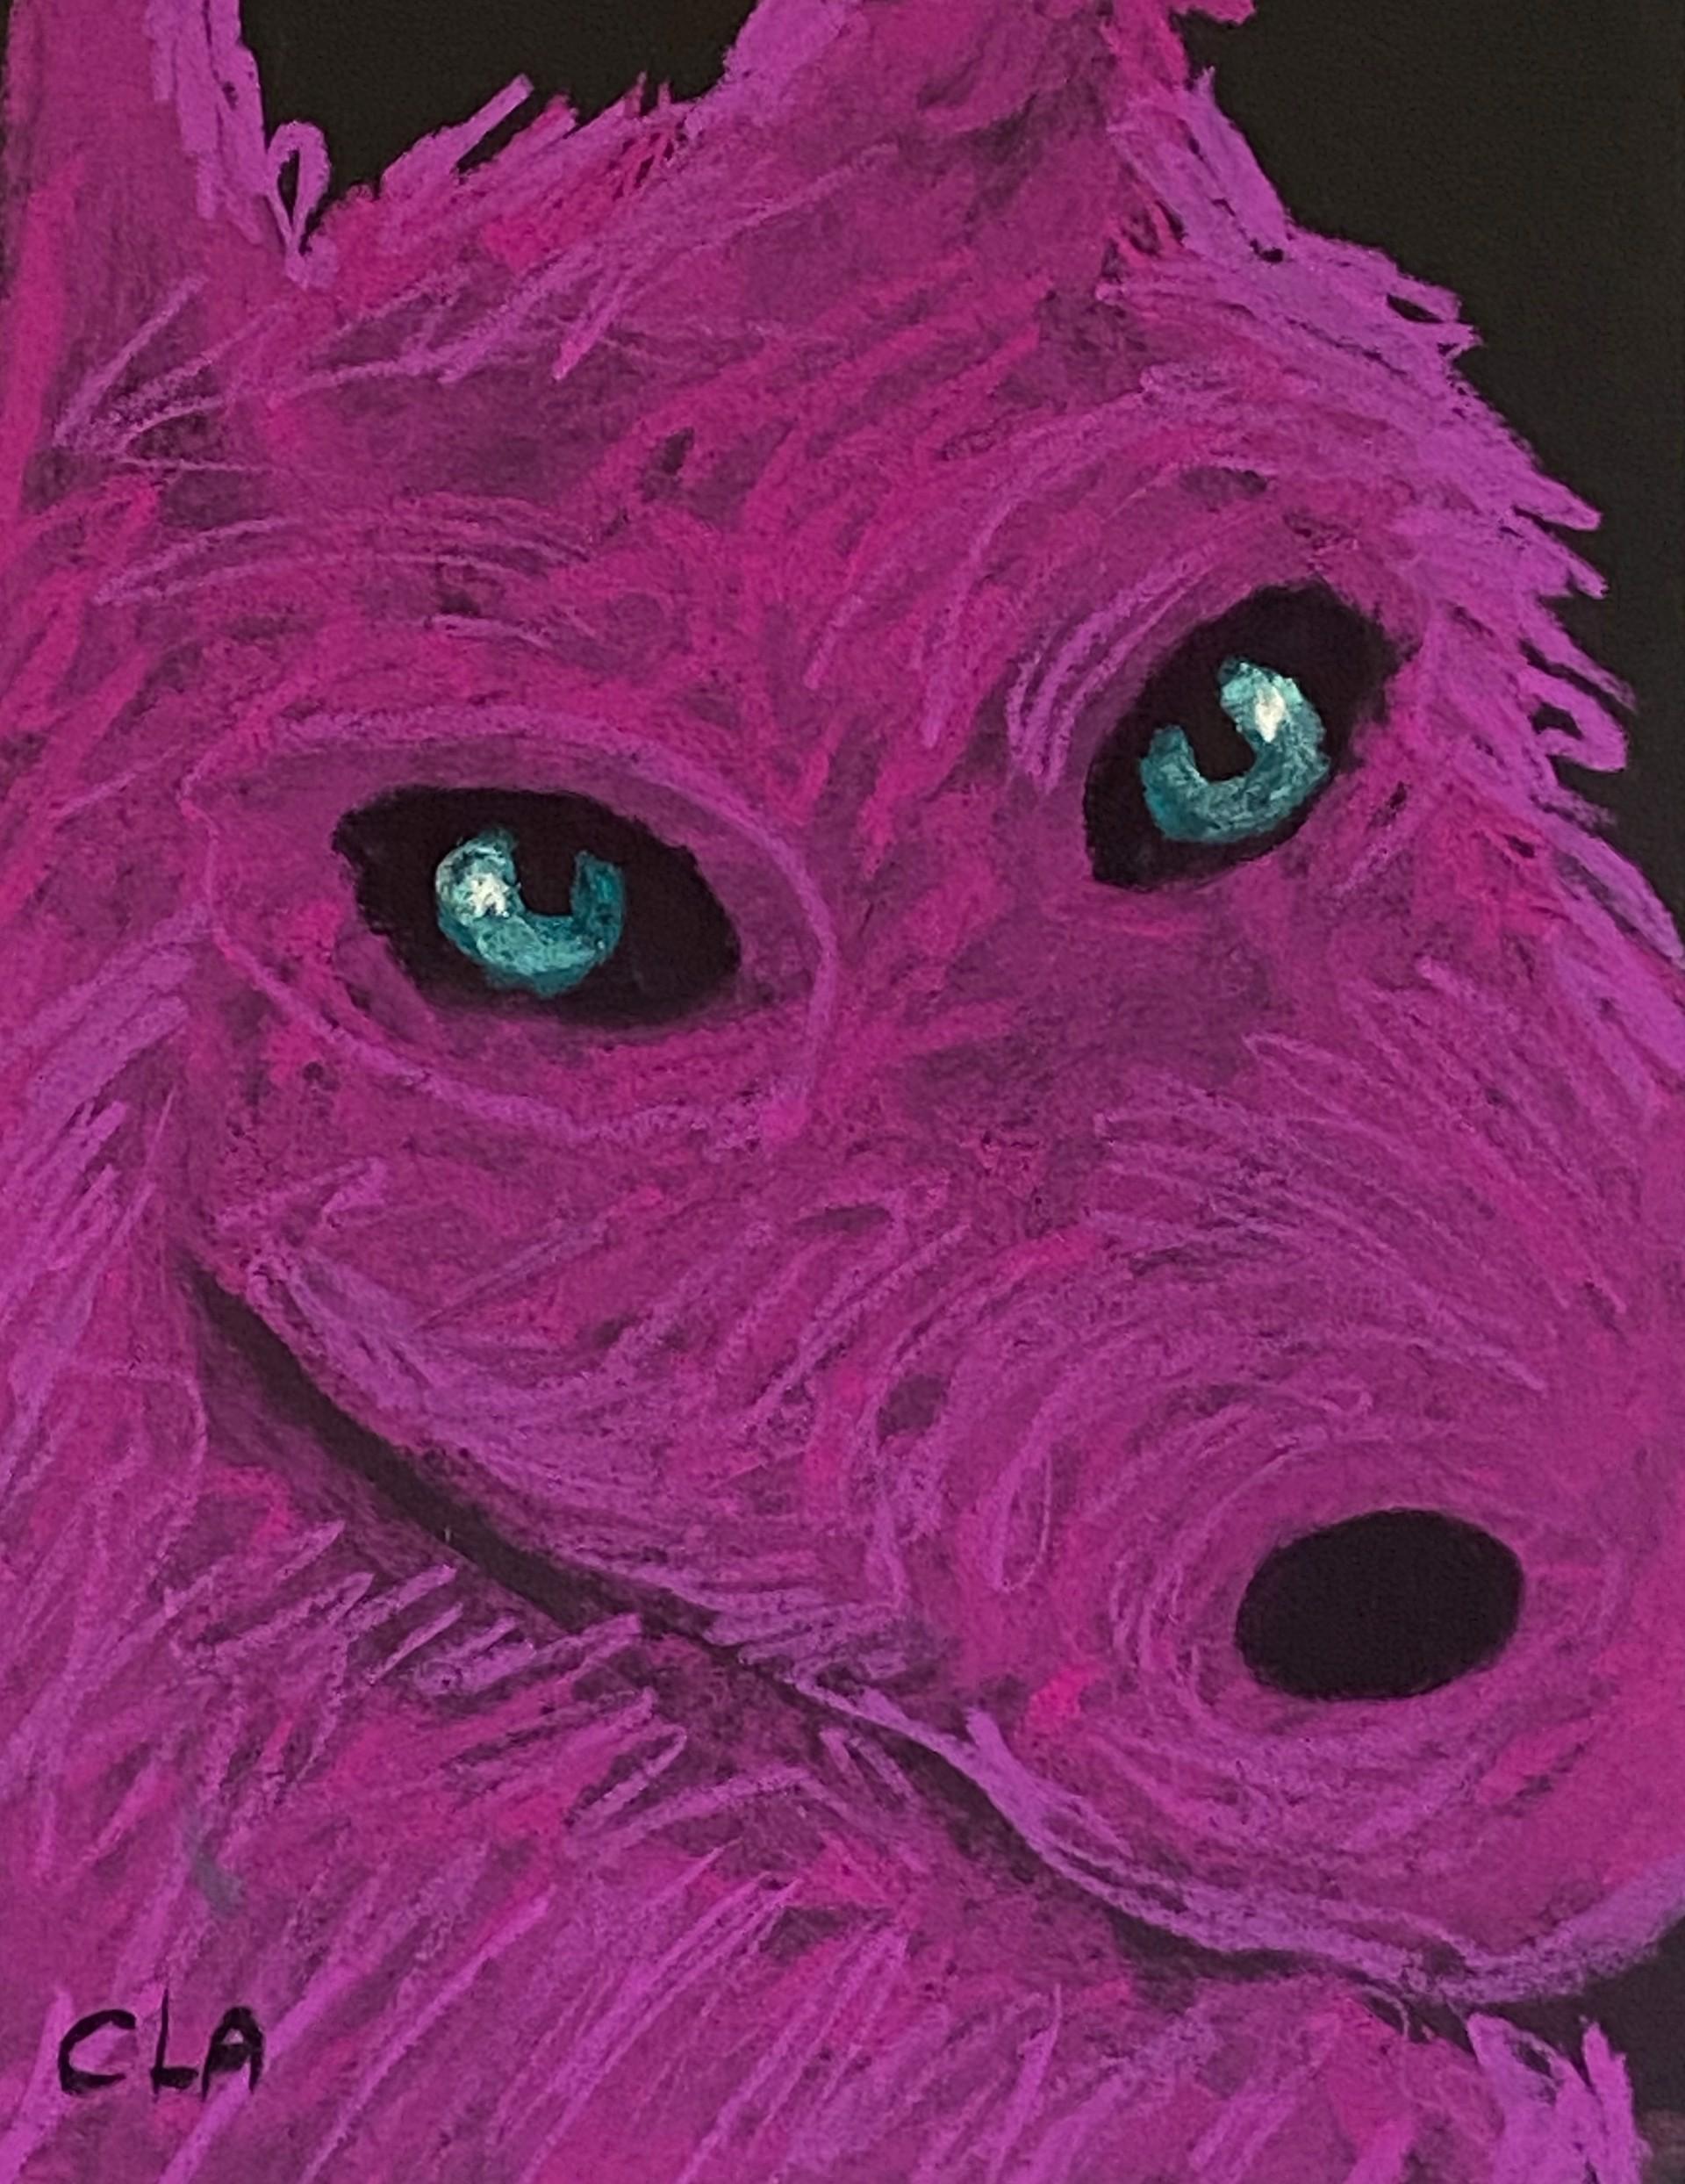 Small Pink Wolf by Carole LaRoche